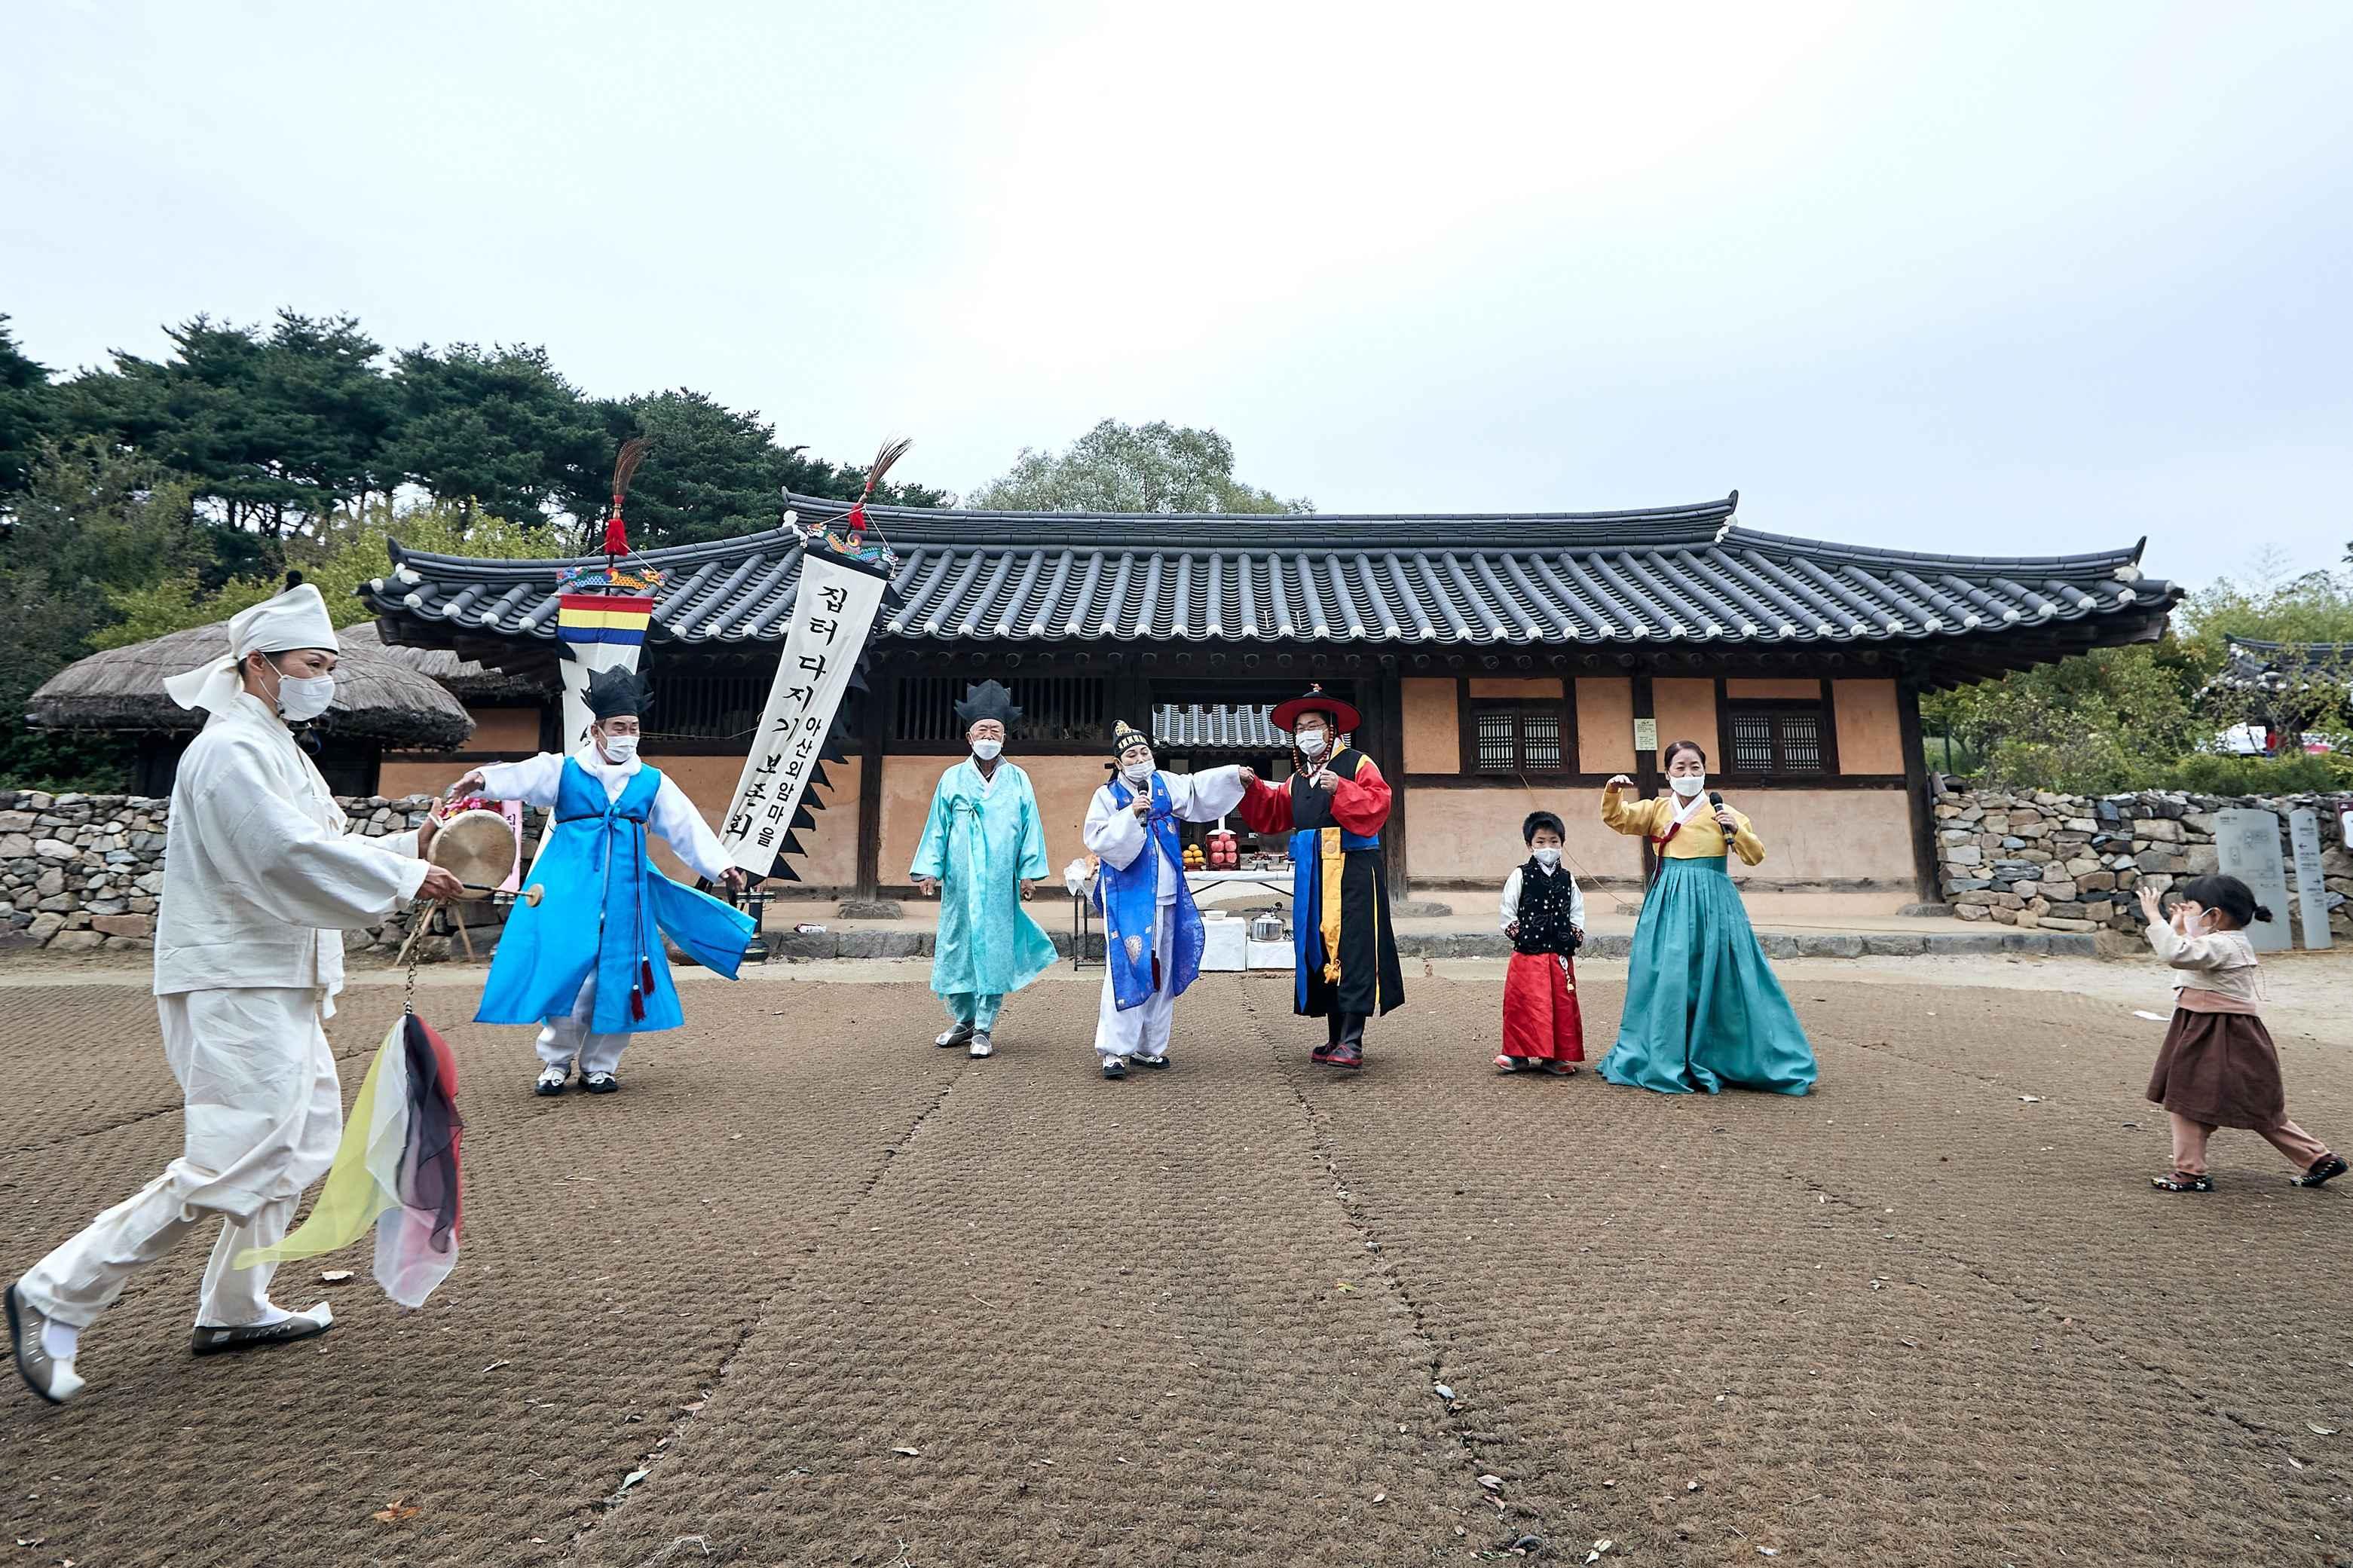 2021.10.16.한복문화주간 기념행사(외암민속마을)